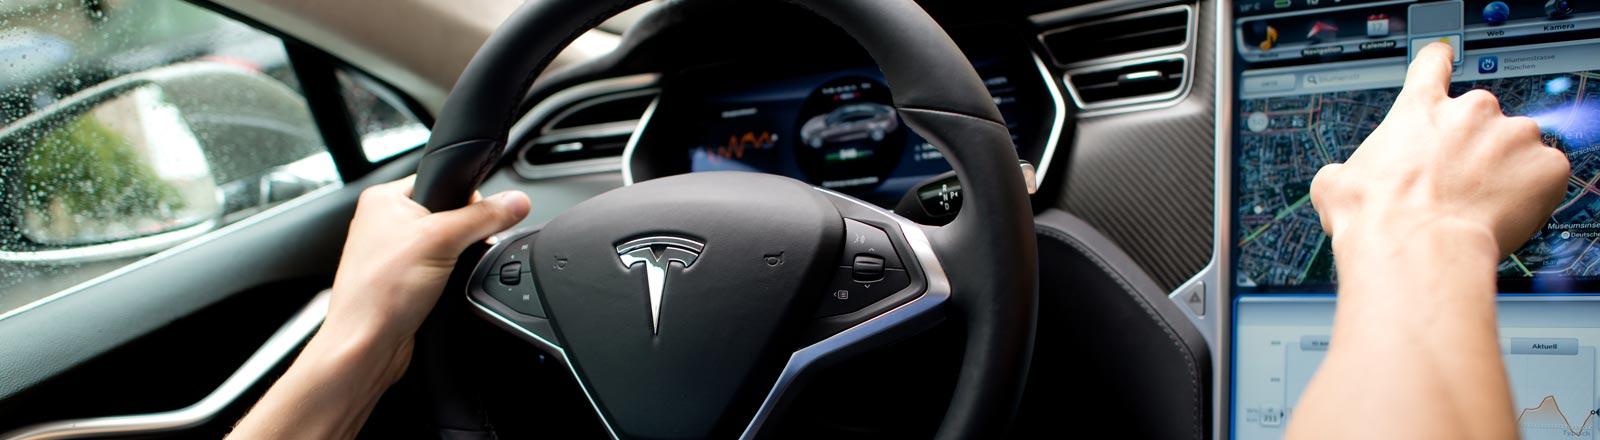 Ein Tesla-Fahrer deutet auf ein Display neben dem Lenkrad.